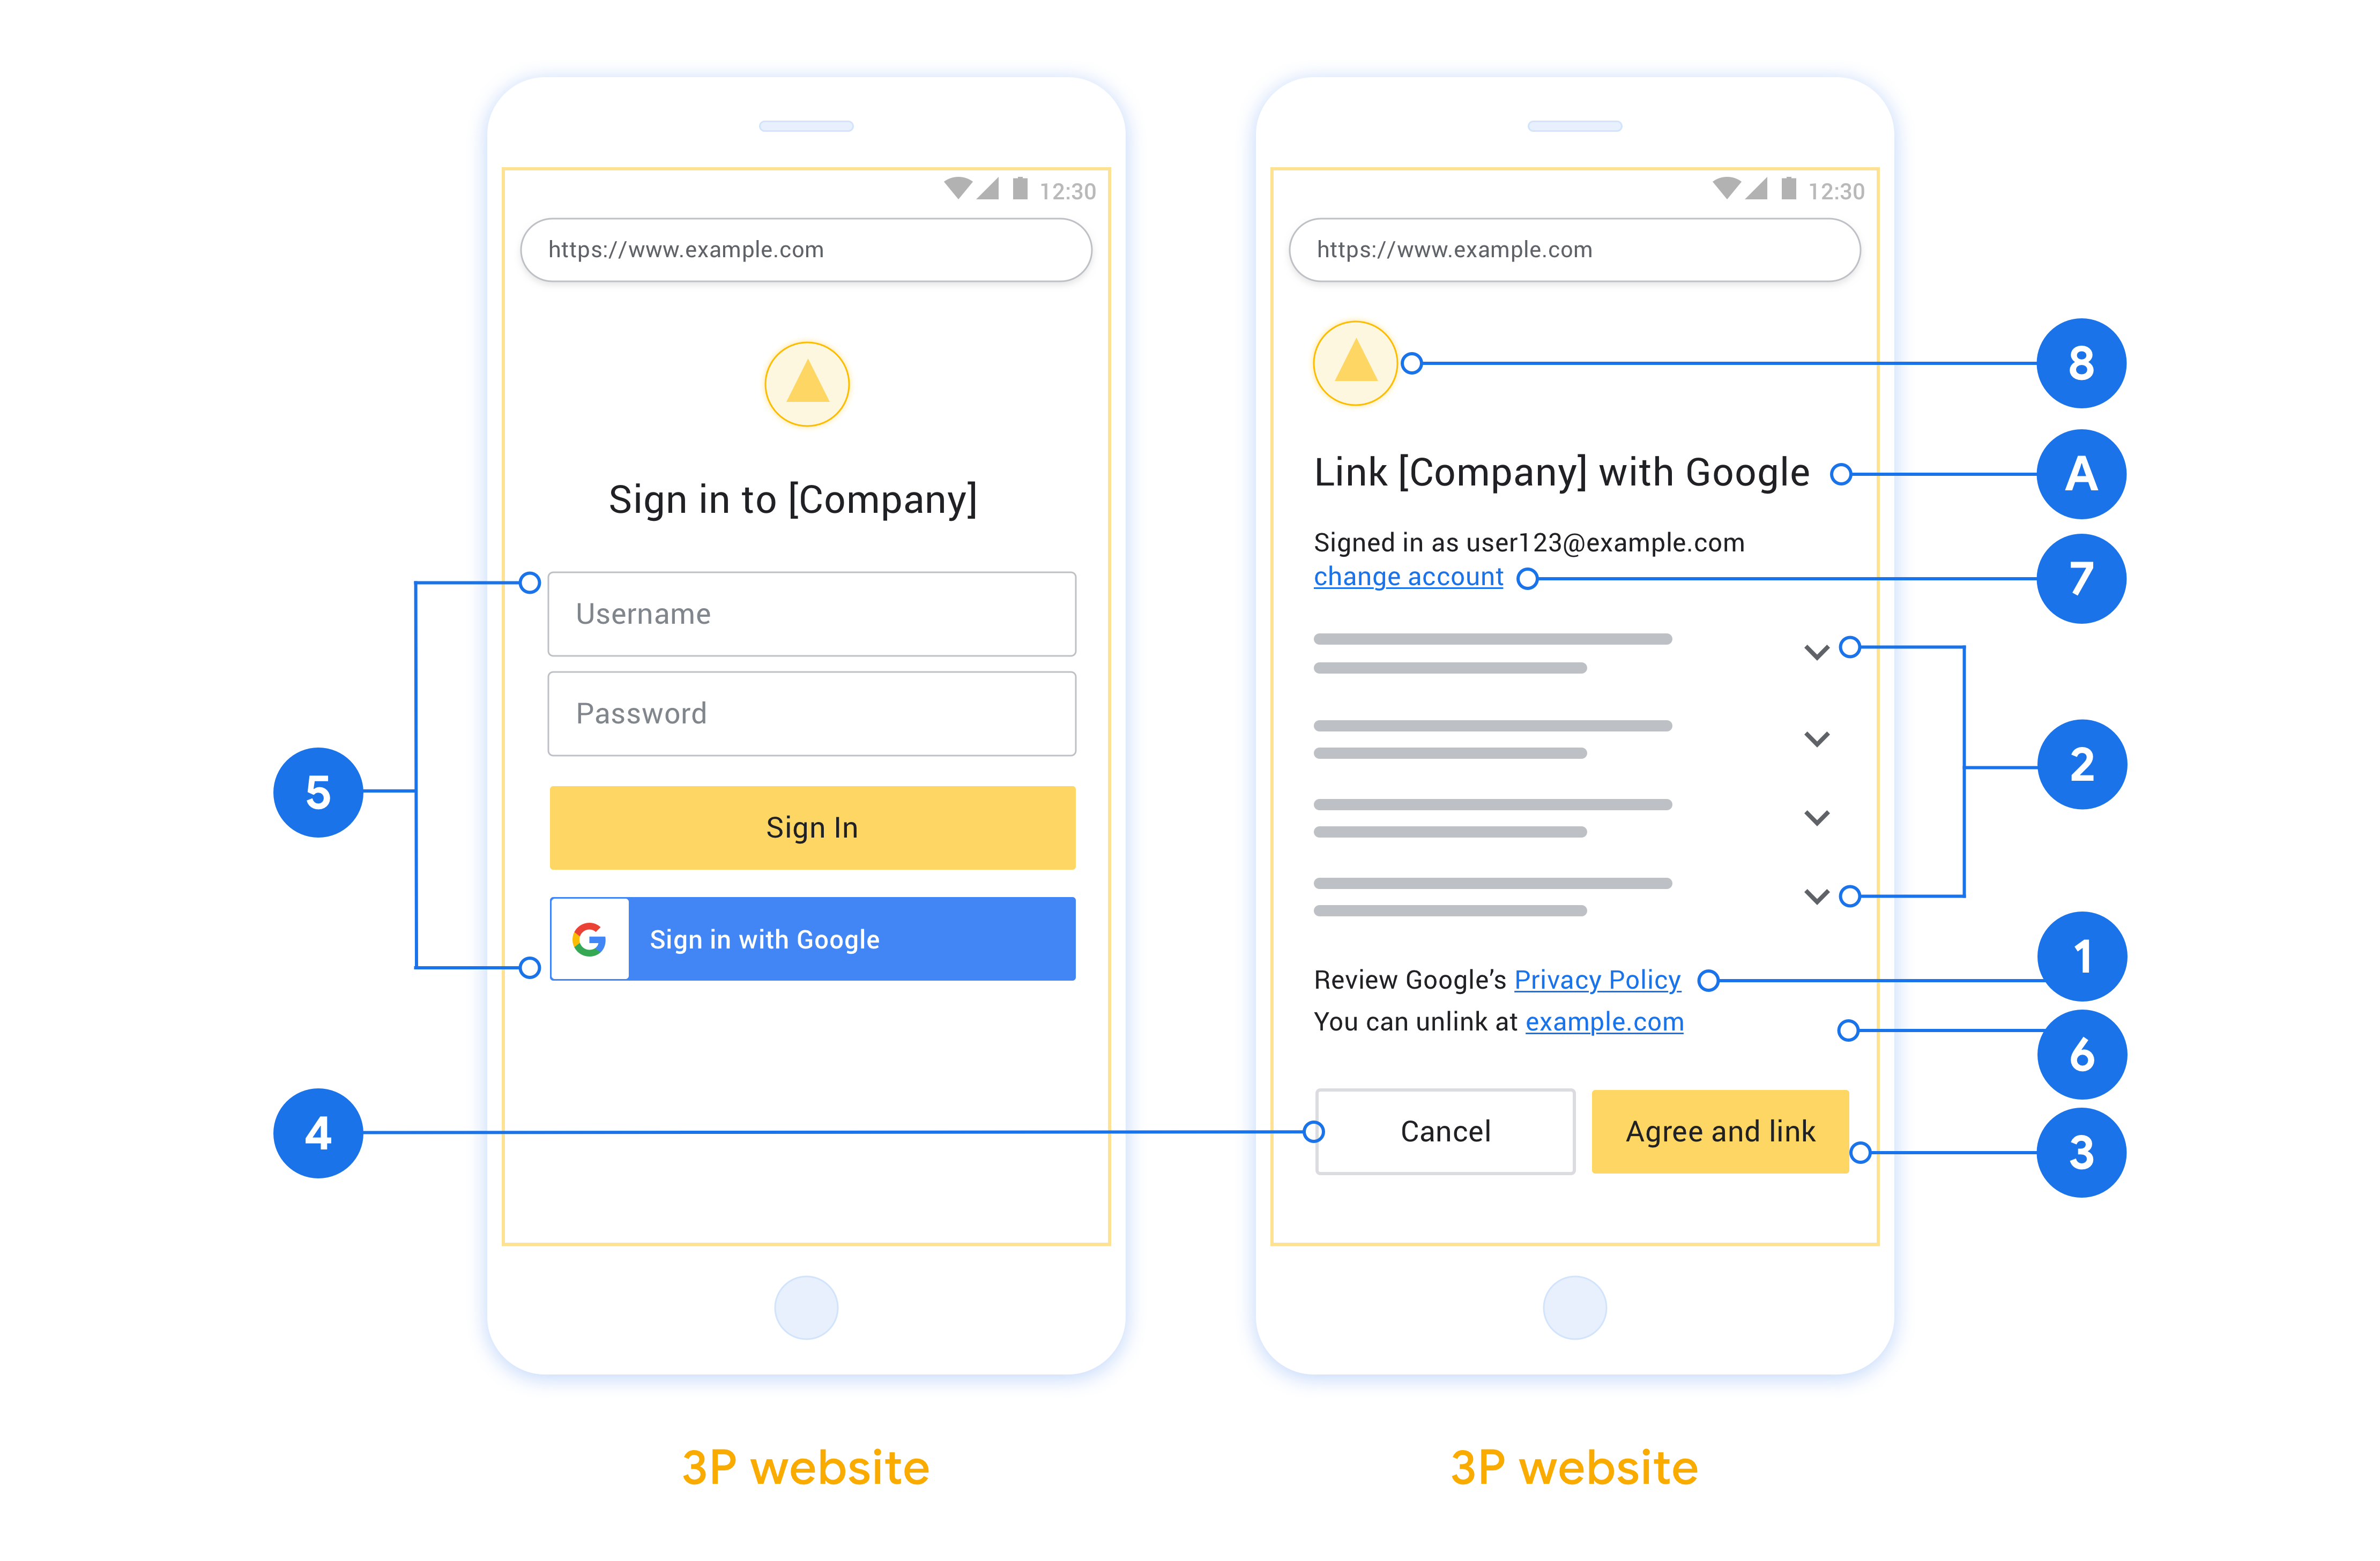 Esta figura mostra exemplos de tela de login e consentimento do usuário com chamadas para os requisitos individuais e recomendações a serem seguidas ao criar uma tela de login e consentimento do usuário.